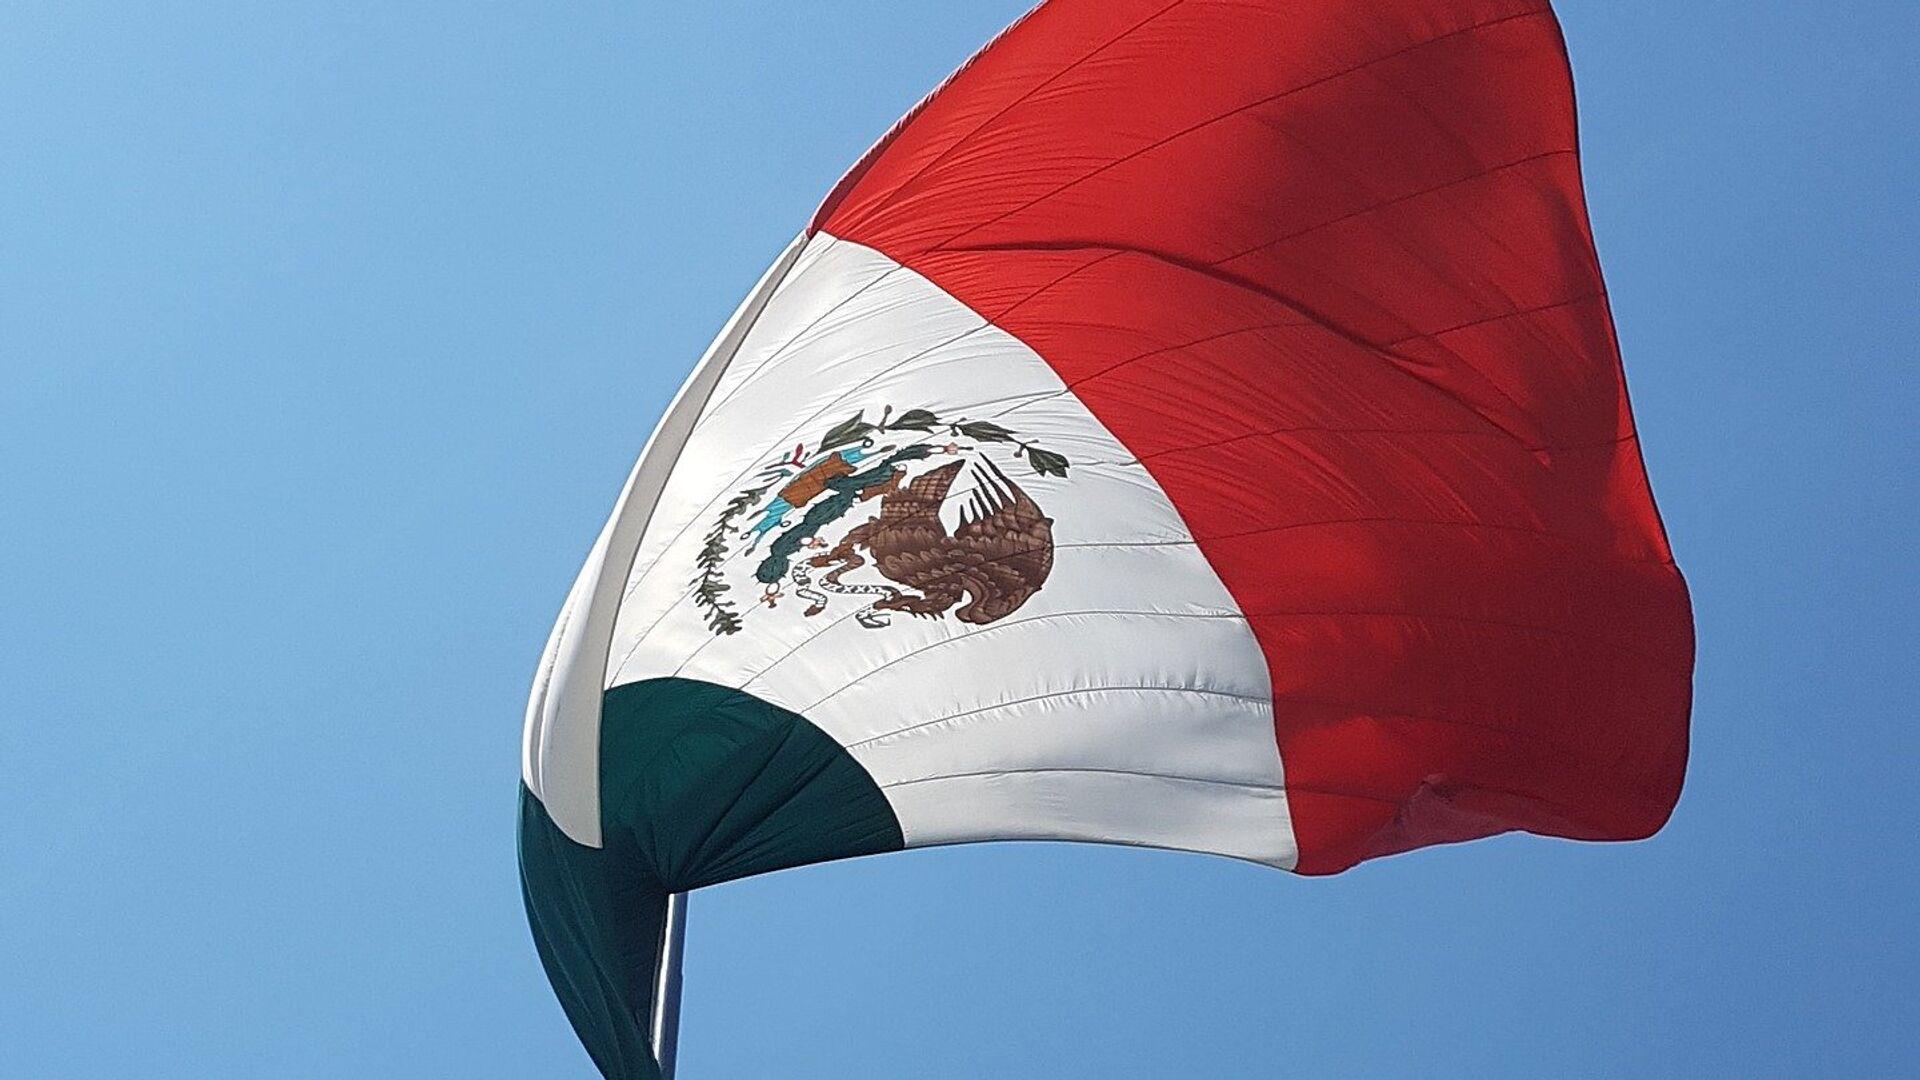 Bandera de México - Sputnik Mundo, 1920, 16.07.2021